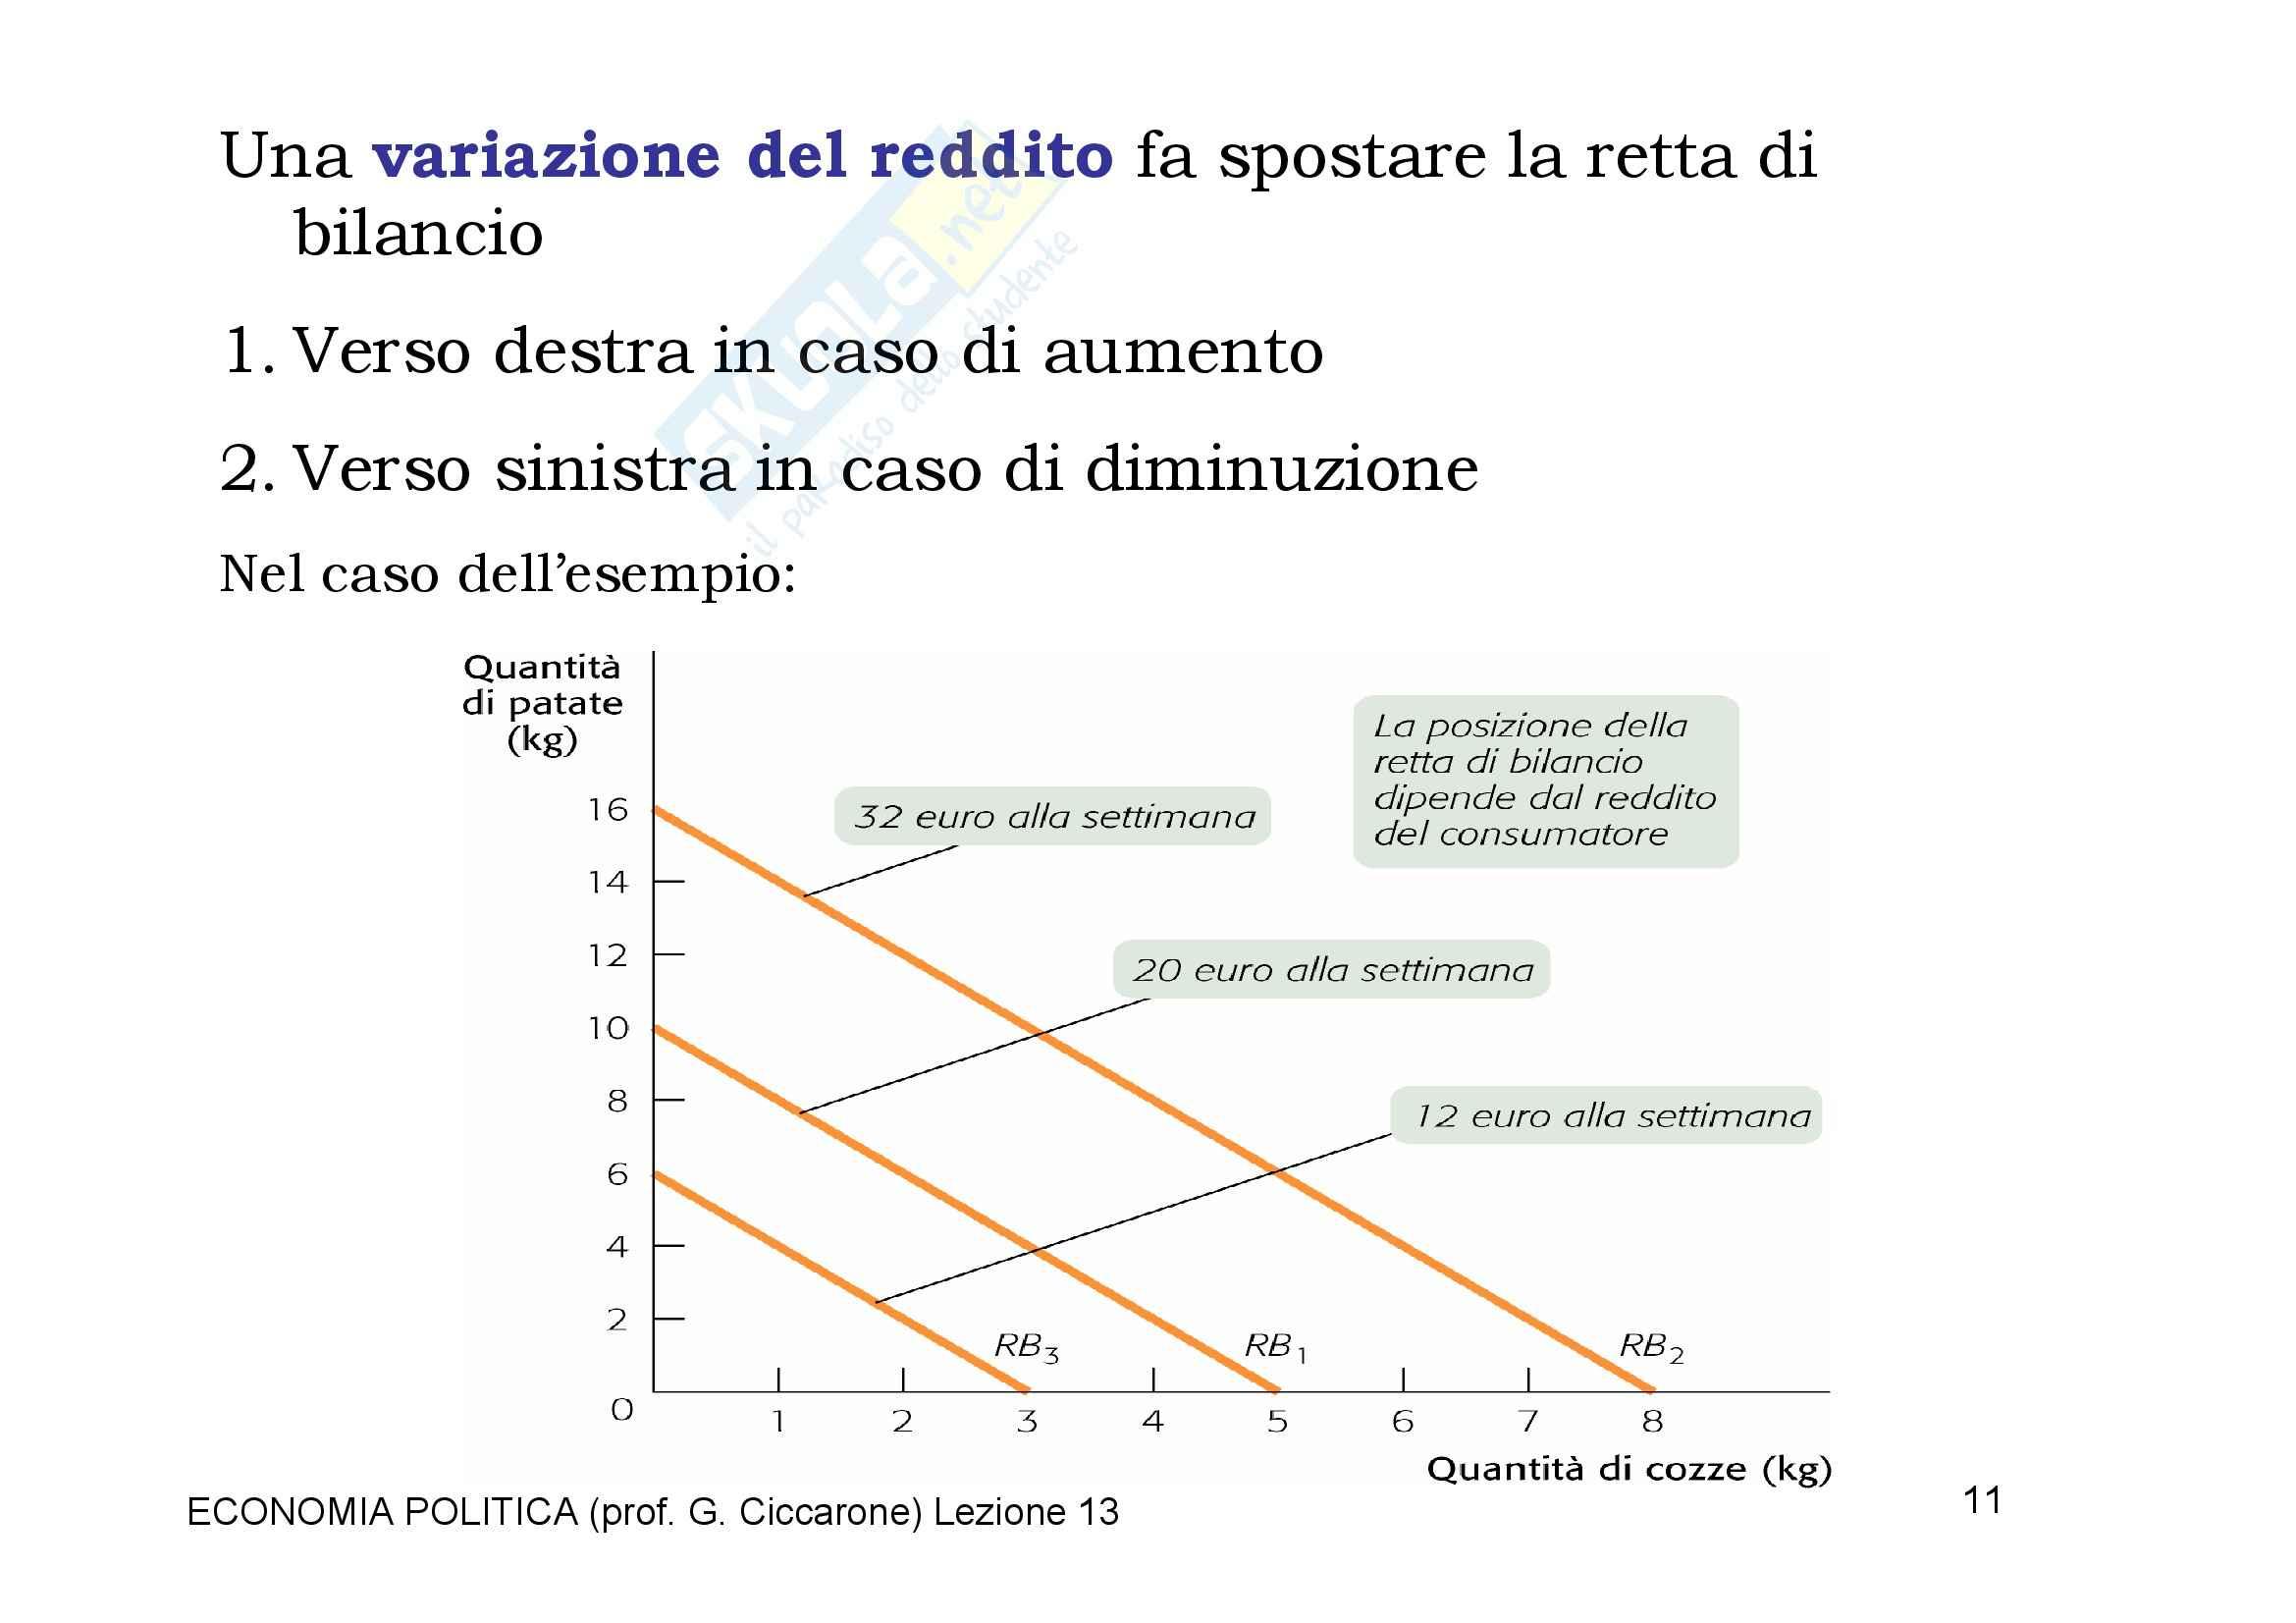 Economia monetaria - l'utilità e il consumo Pag. 11